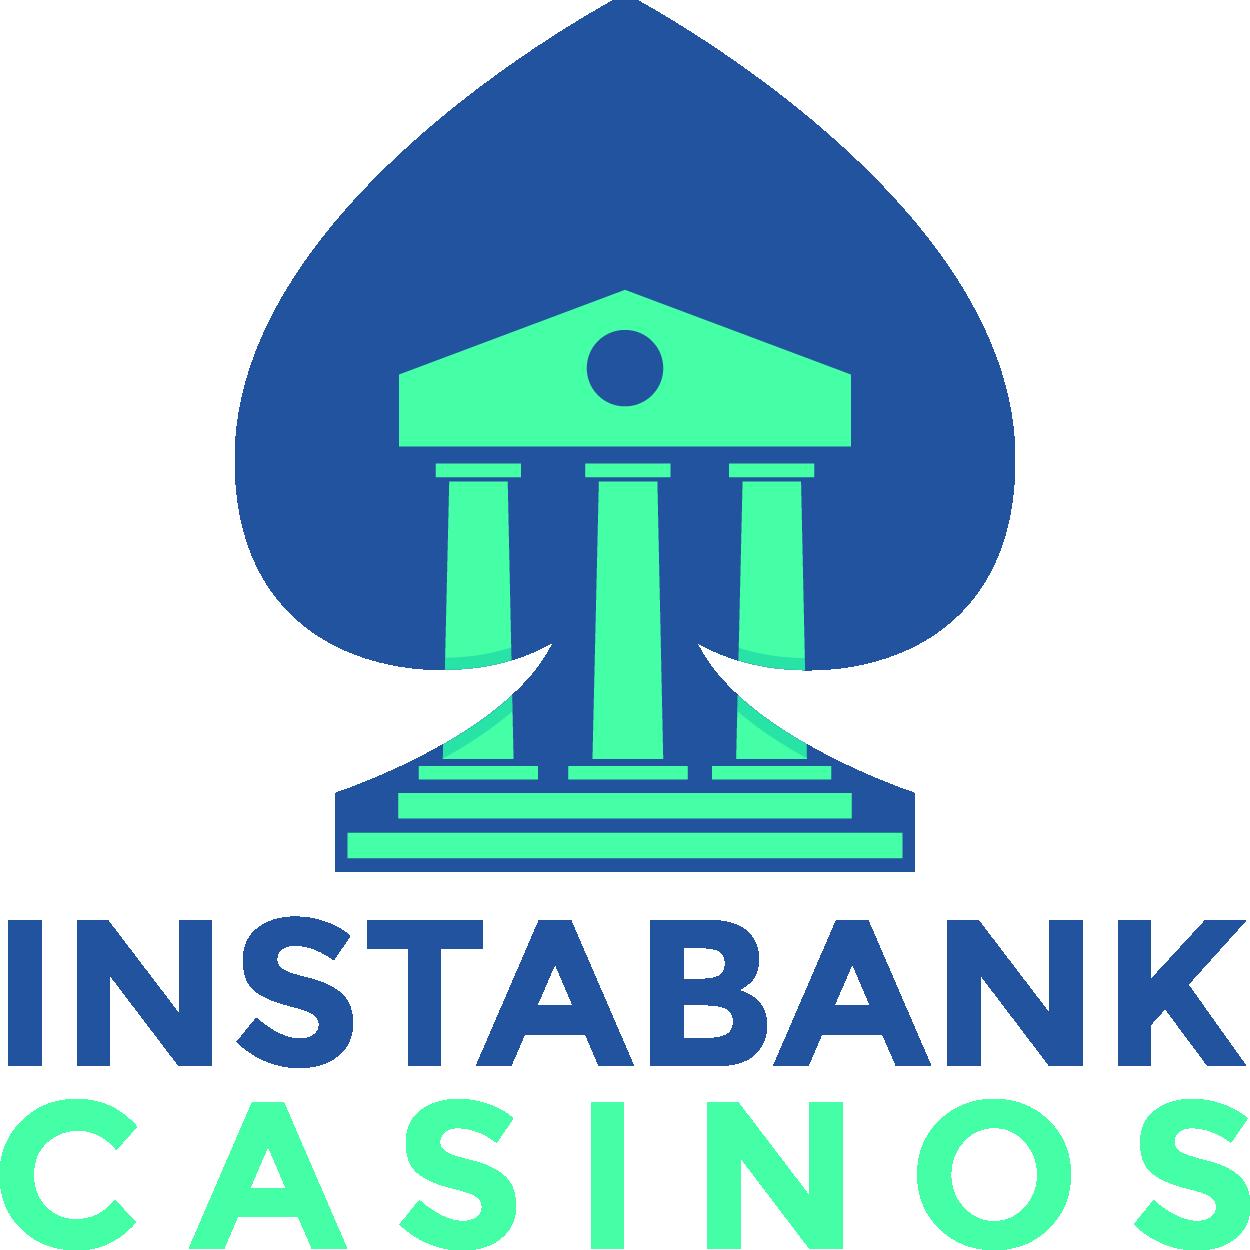 InstaBank Casinos